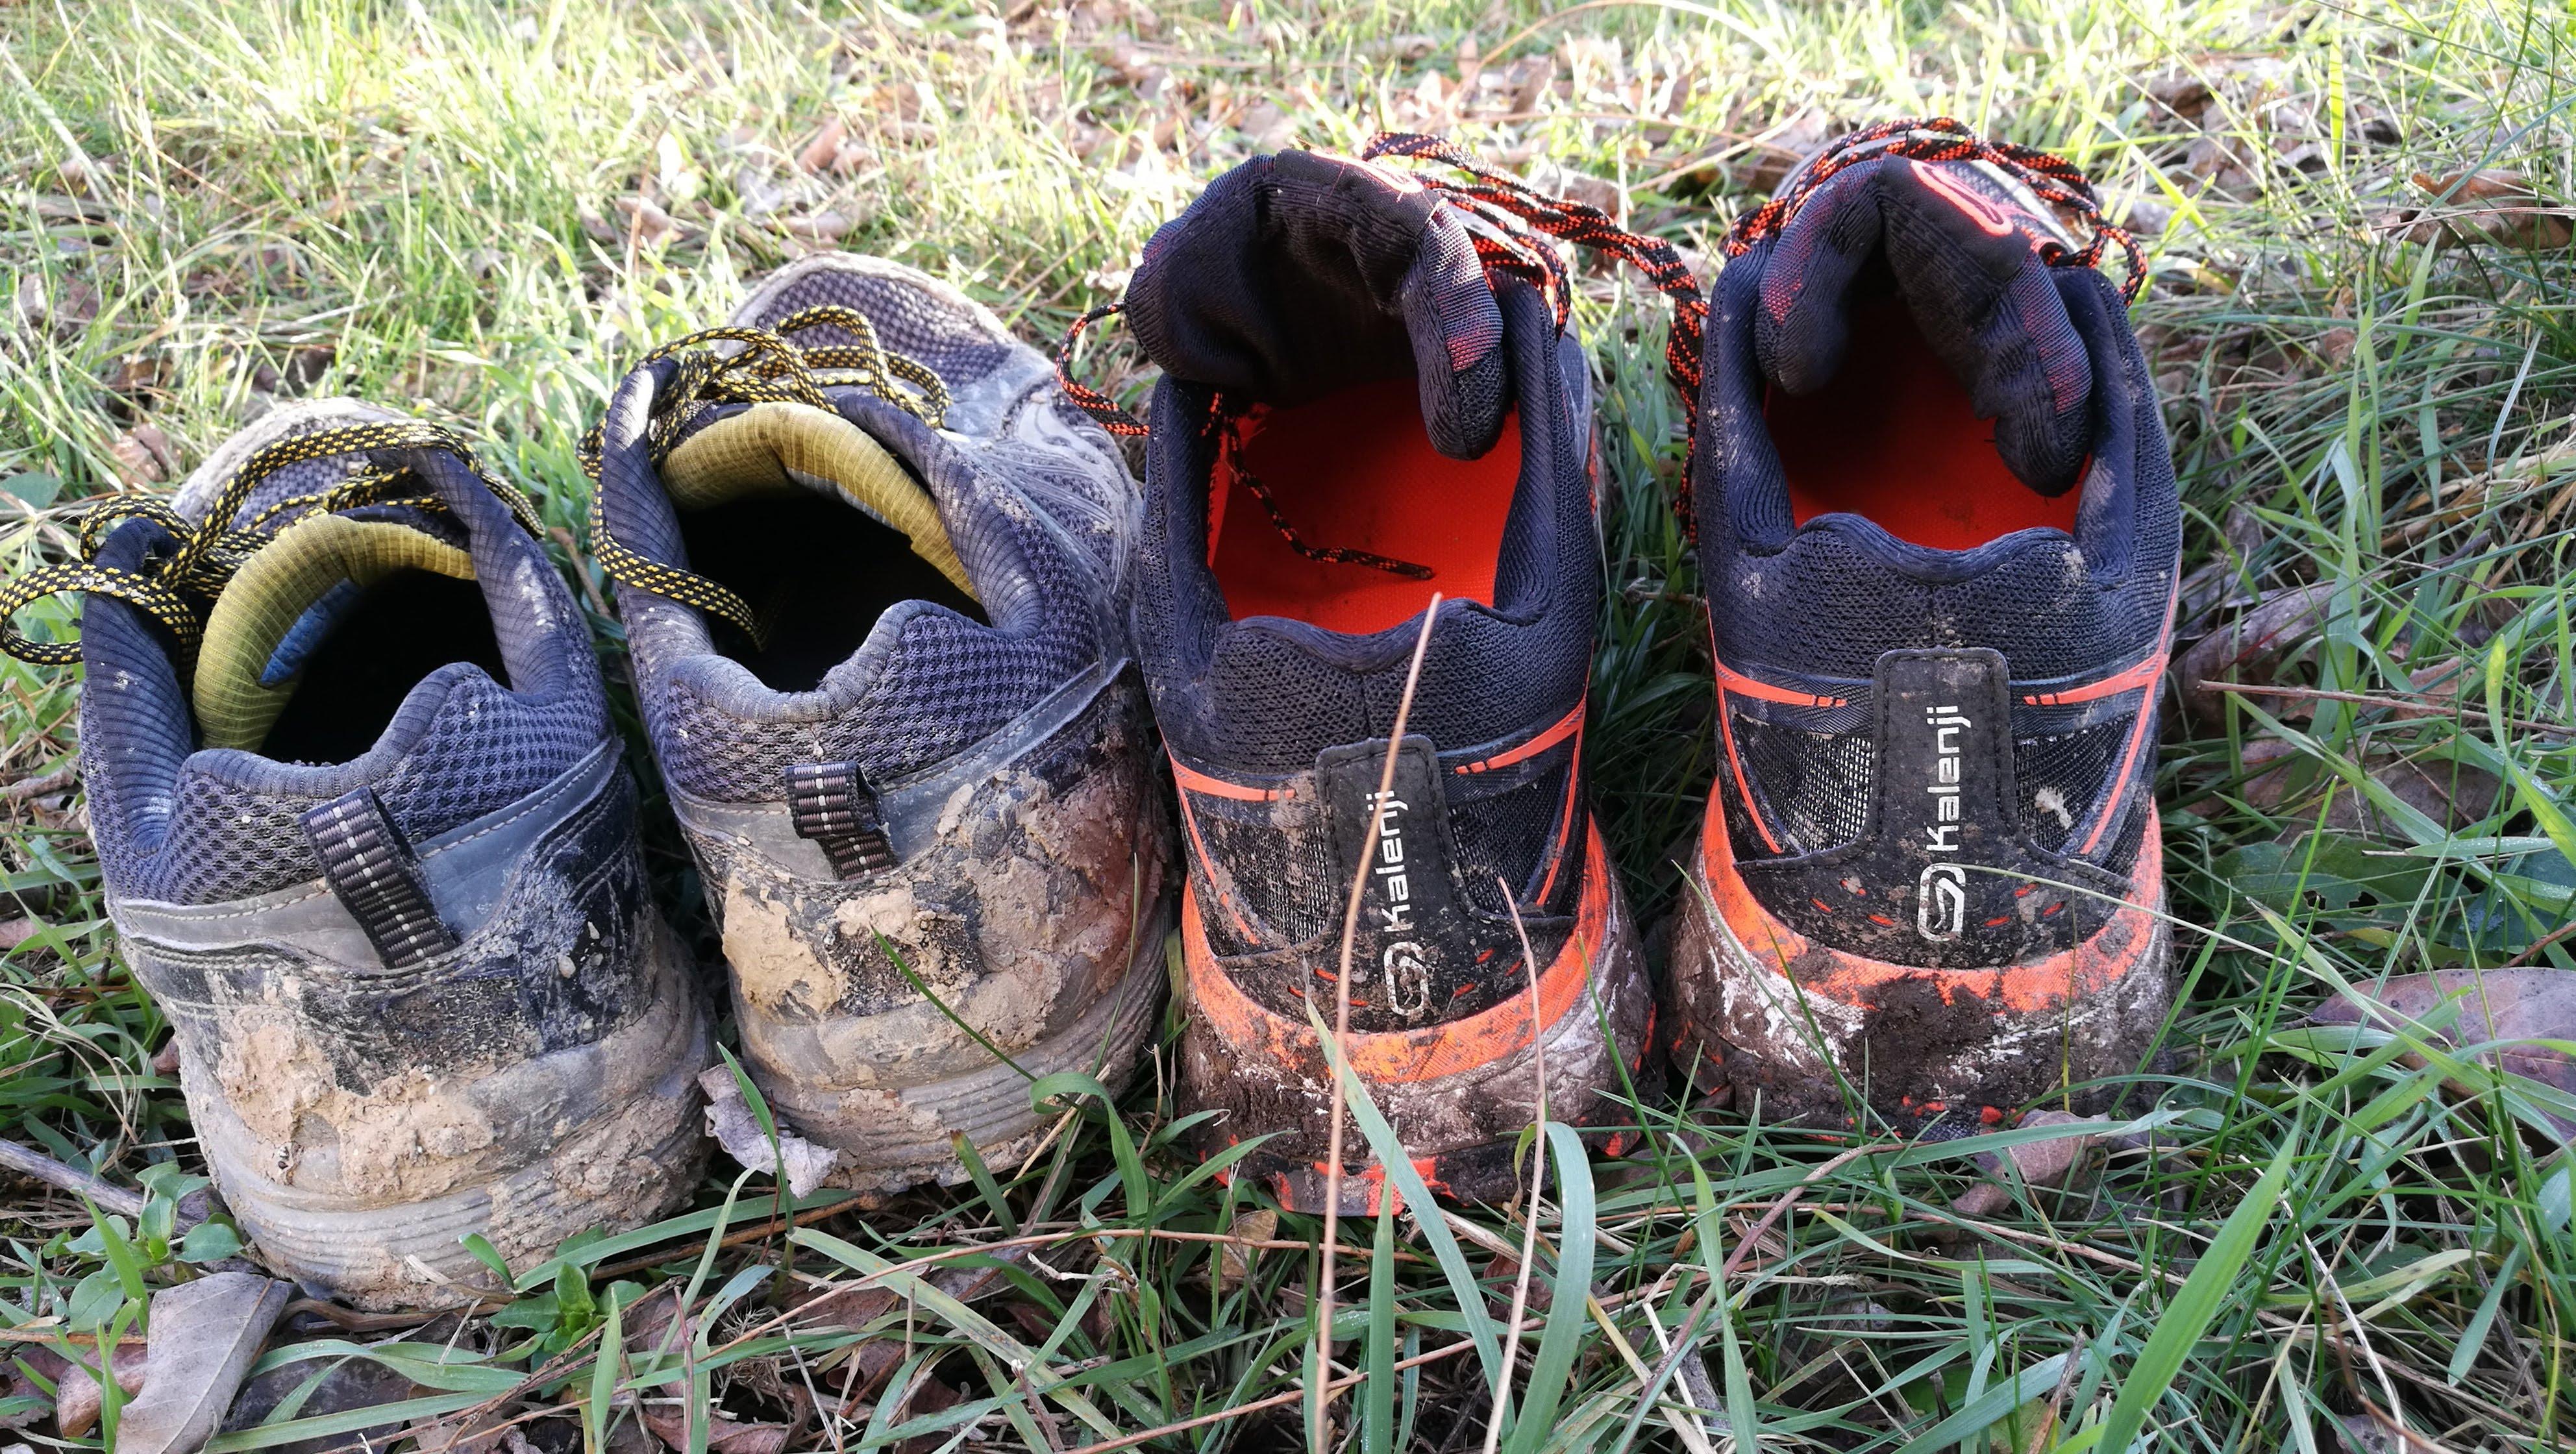 b18a12b74bce Veterán terepcipő mesél az újoncnak - Kalenji Kiprun Trail MT ...